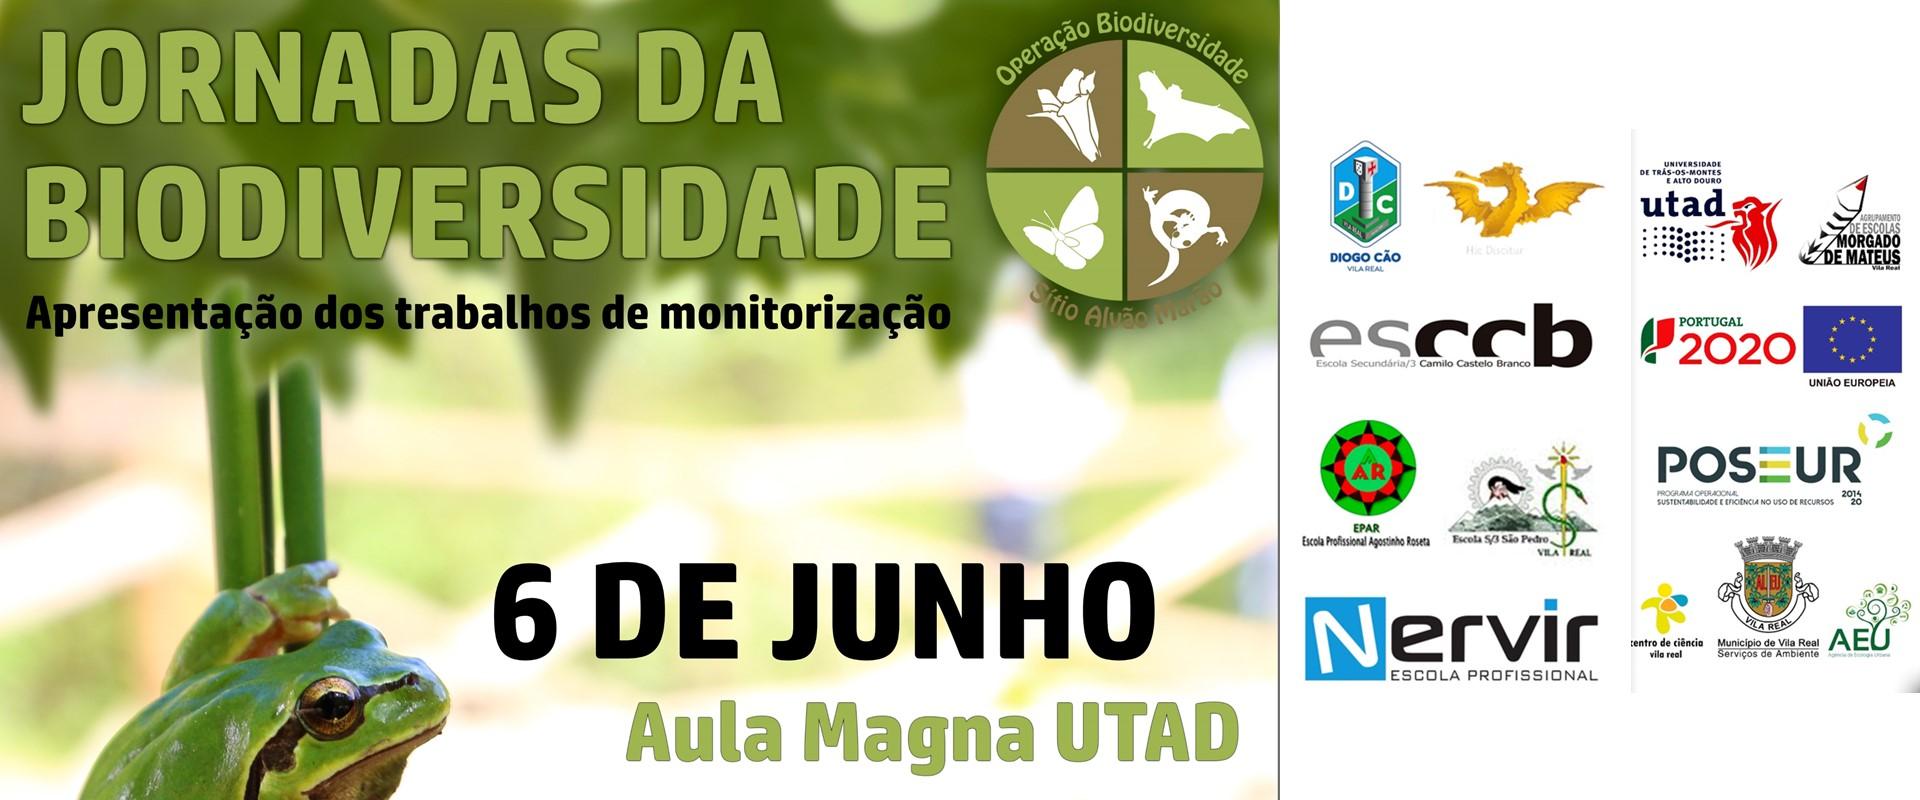 Jornadas da Biodiversidade decorrem no dia 6 de junho